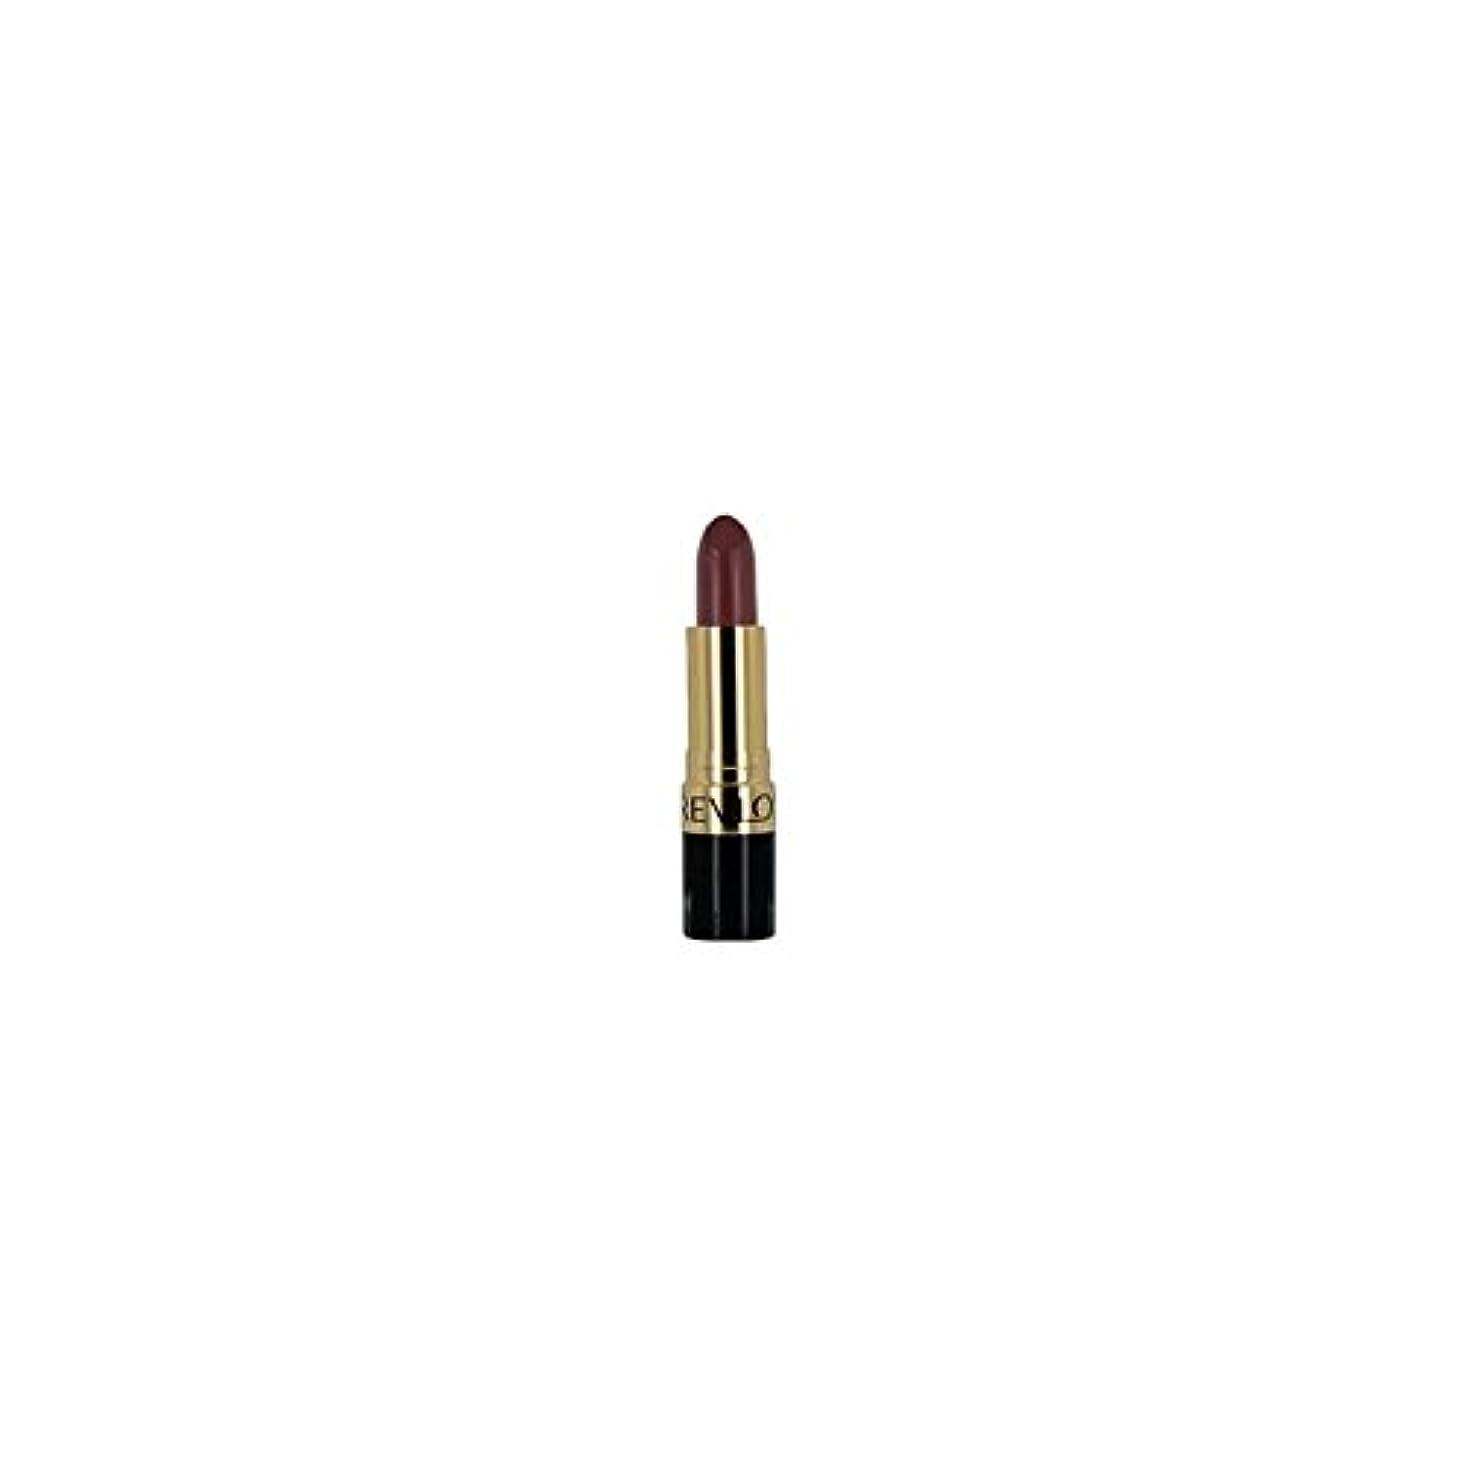 ミネラル無駄な組Revlon Super Lustrous Lipstick Mink 671 (Pack of 6) - レブロンスーパー光沢のある口紅ミンク671 x6 [並行輸入品]